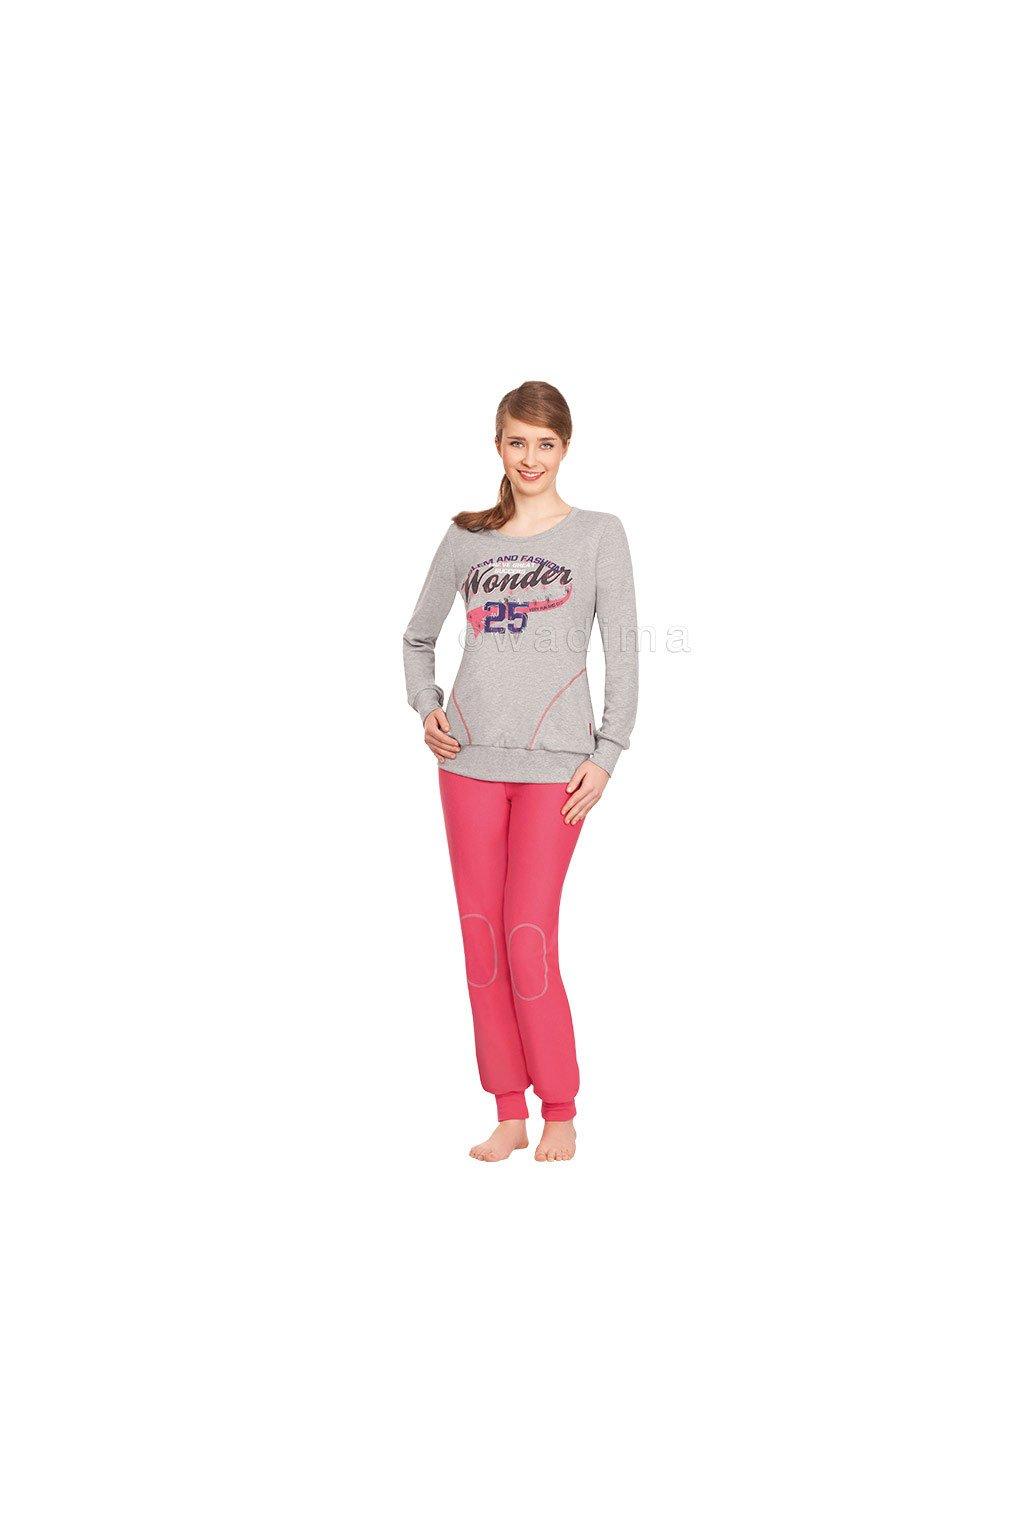 Dívčí pyžamo YOUNG FASHION s dlouhým rukávem, 70440 787, šedá/malinová